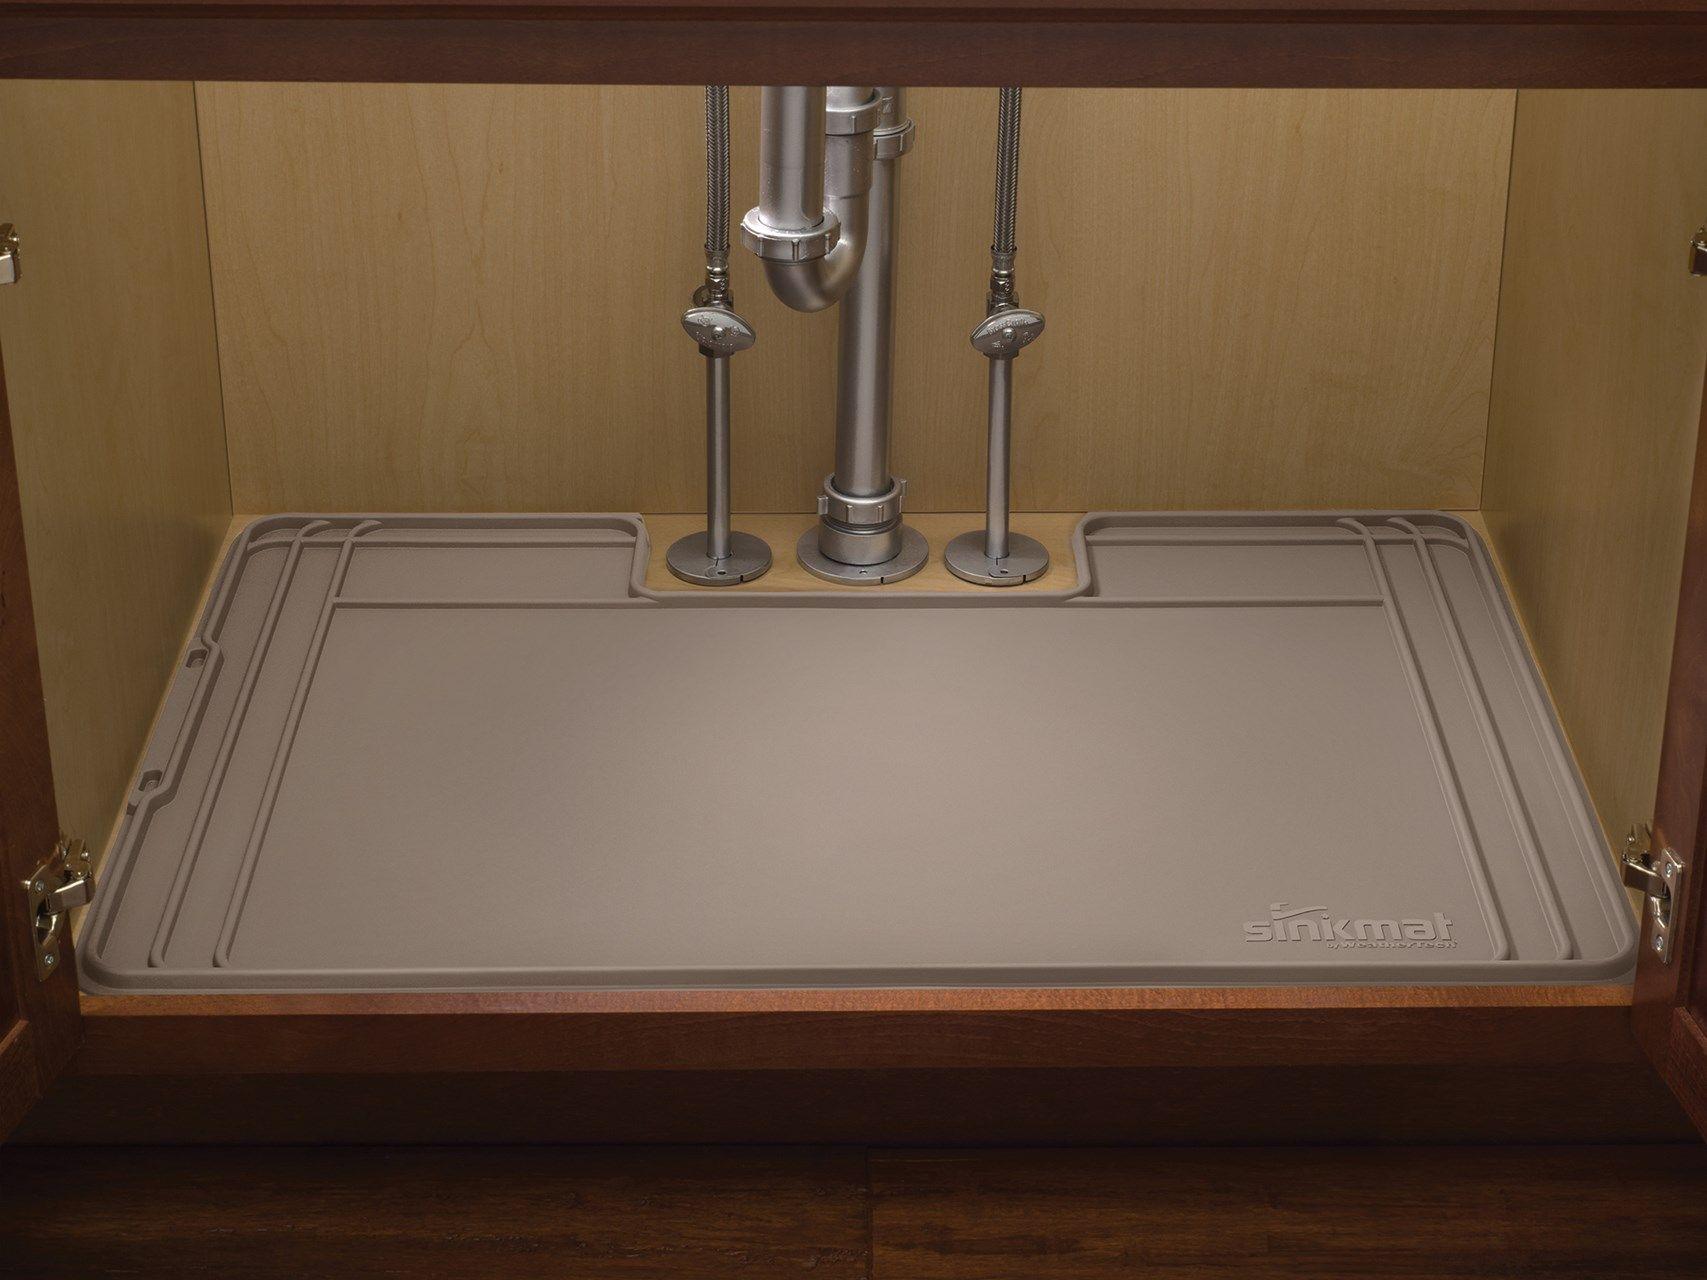 Sinkmat Under Kitchen Sinks Sink Kitchen Sink